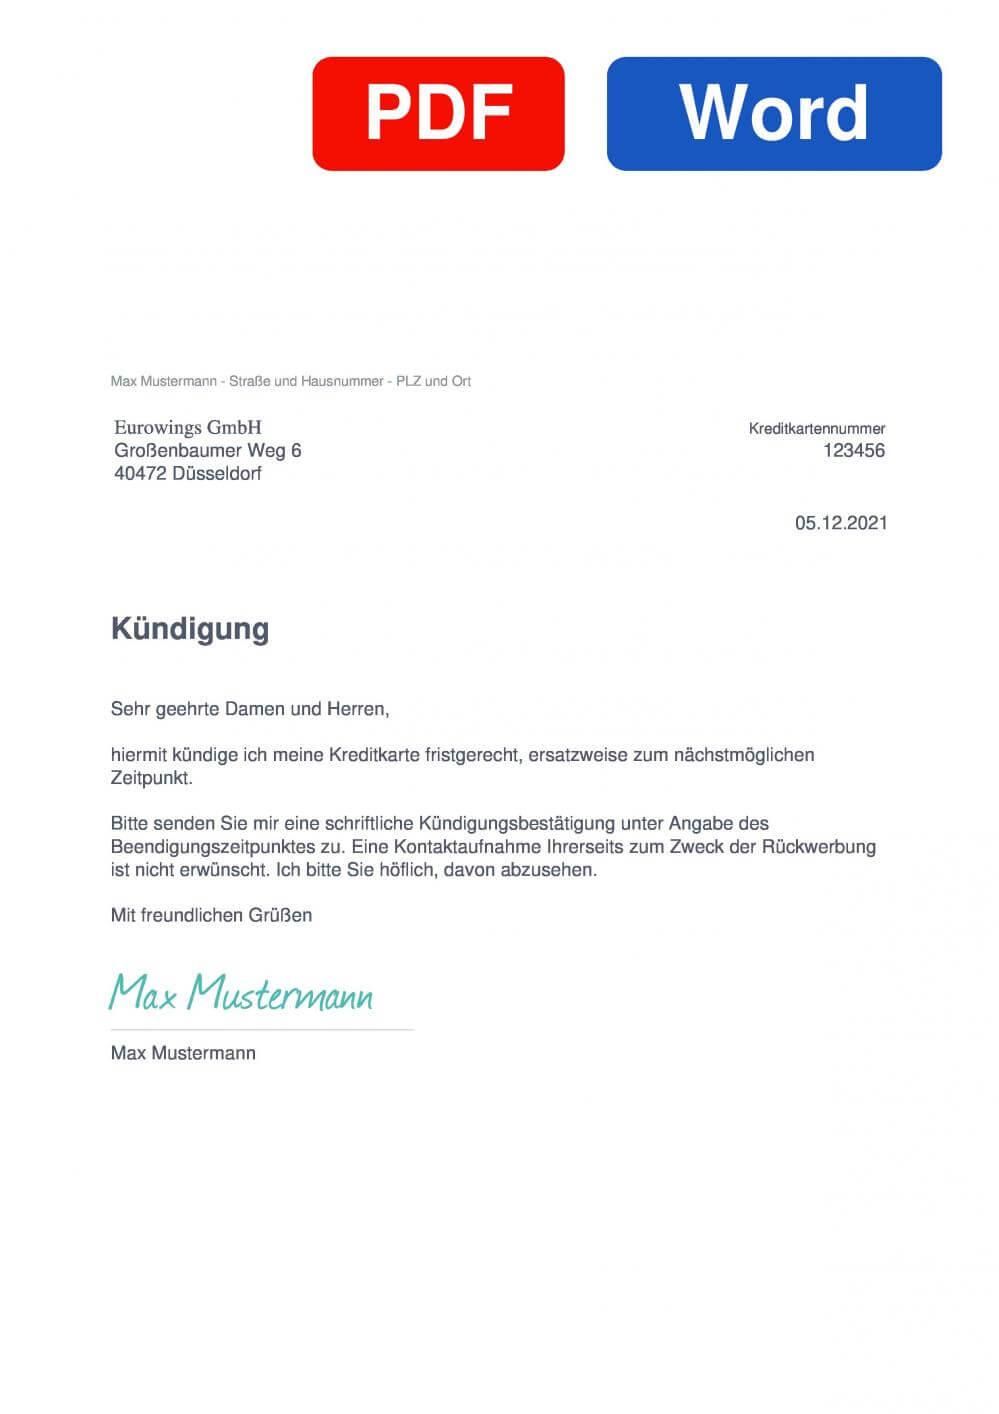 Germanwings Kreditkarte Muster Vorlage für Kündigungsschreiben